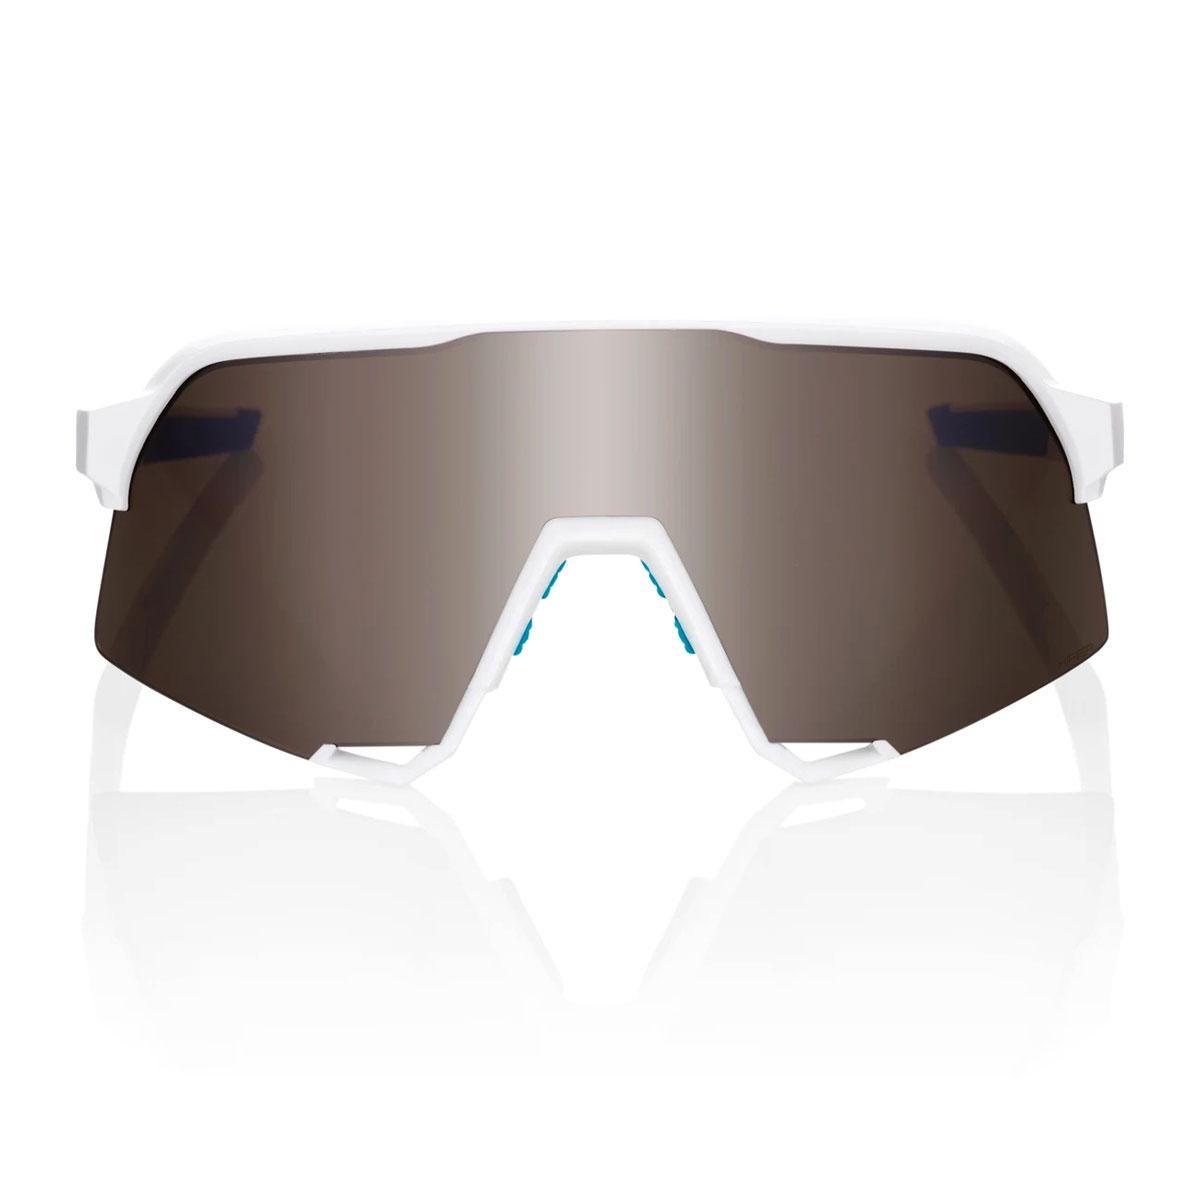 Imagen de 100% S3 HiPER Mirror Gafas - BORA-hansgrohe Special Edition - Team White